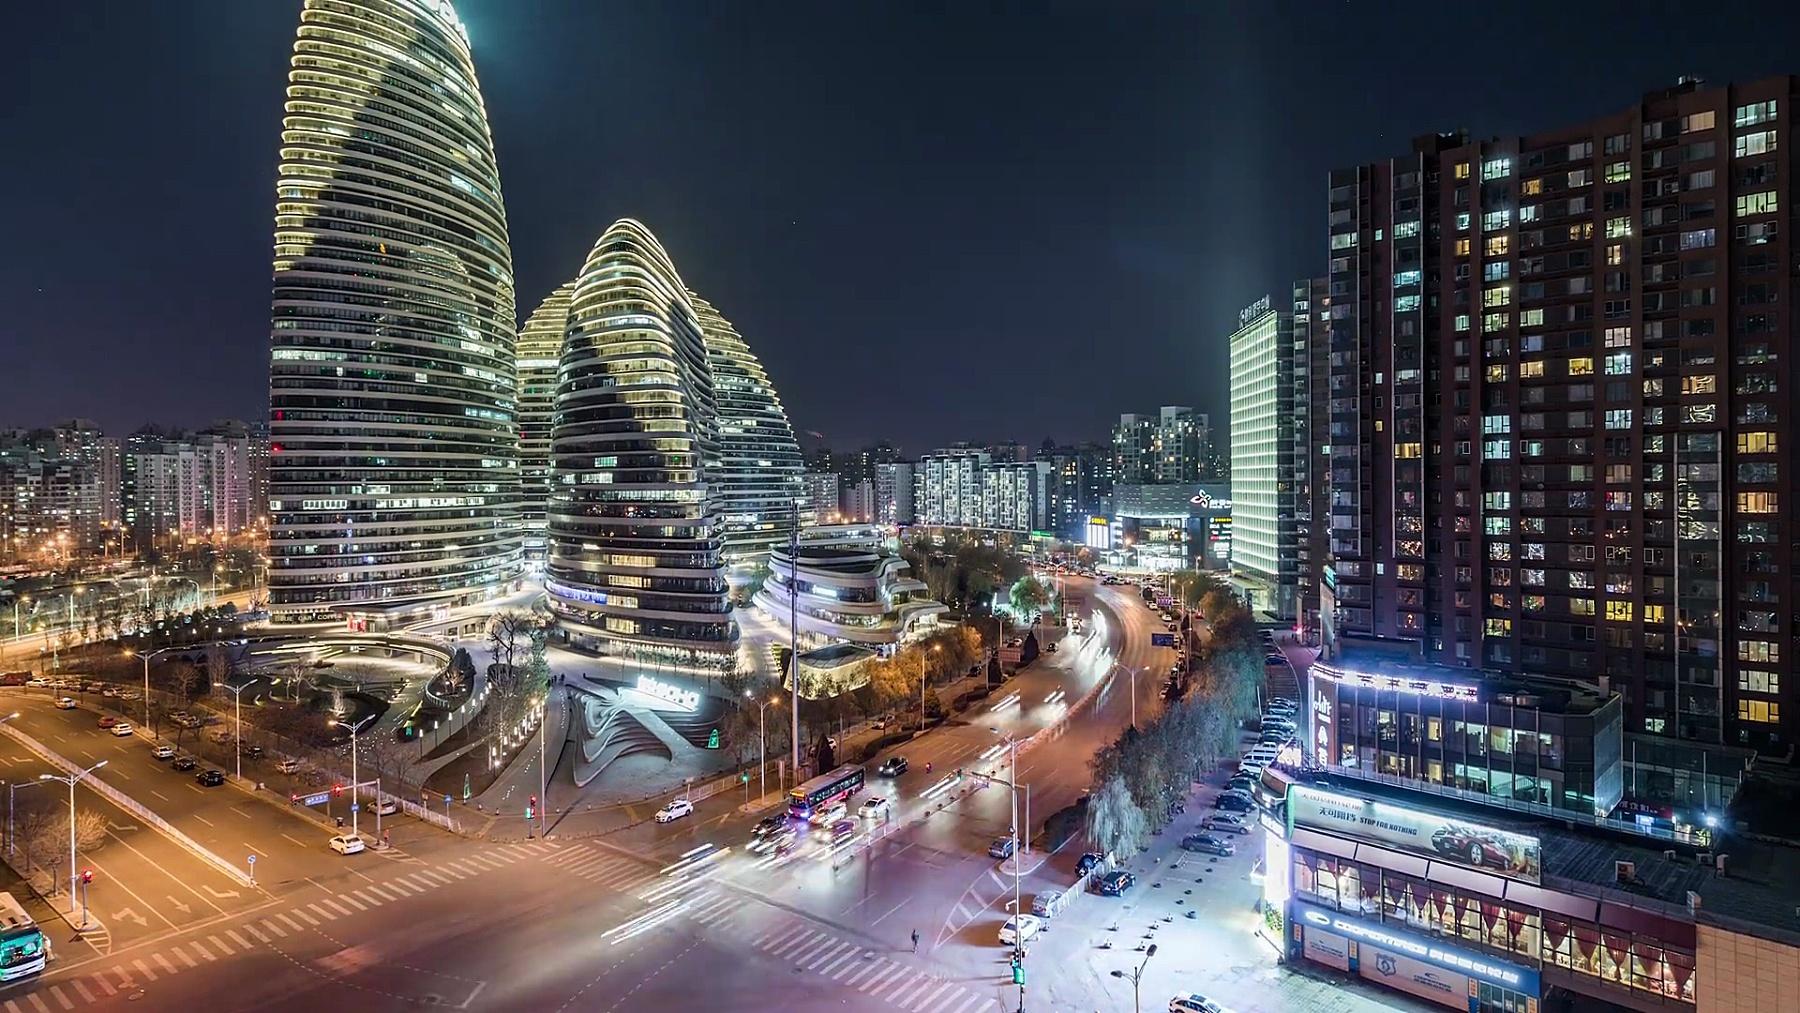 T/L WS HA TU北京中央商务区/中国北京